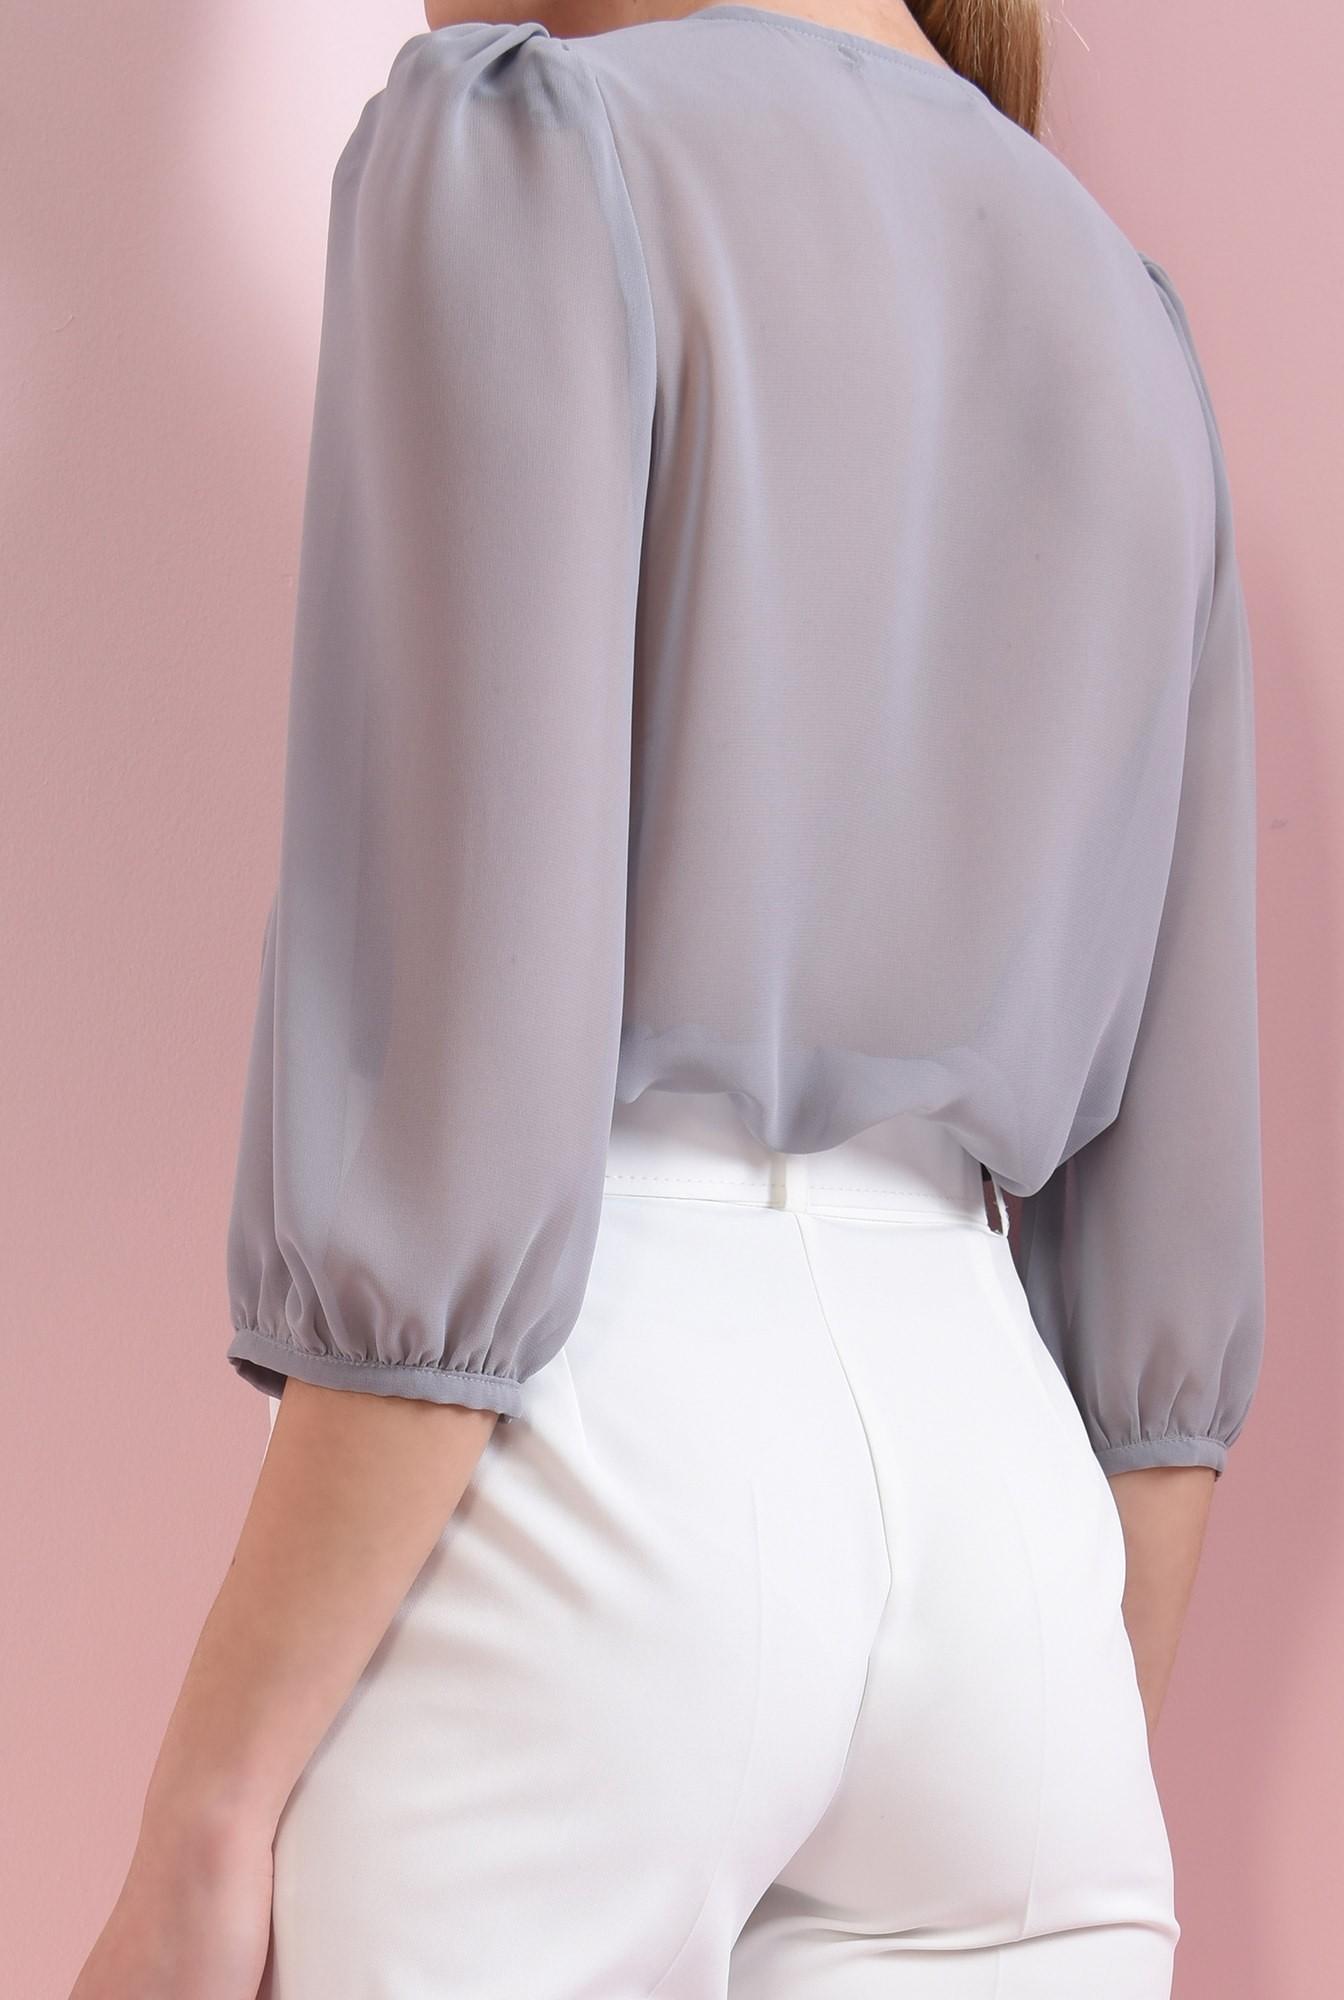 1 - 360 - bluza casual, gri, cu nasture